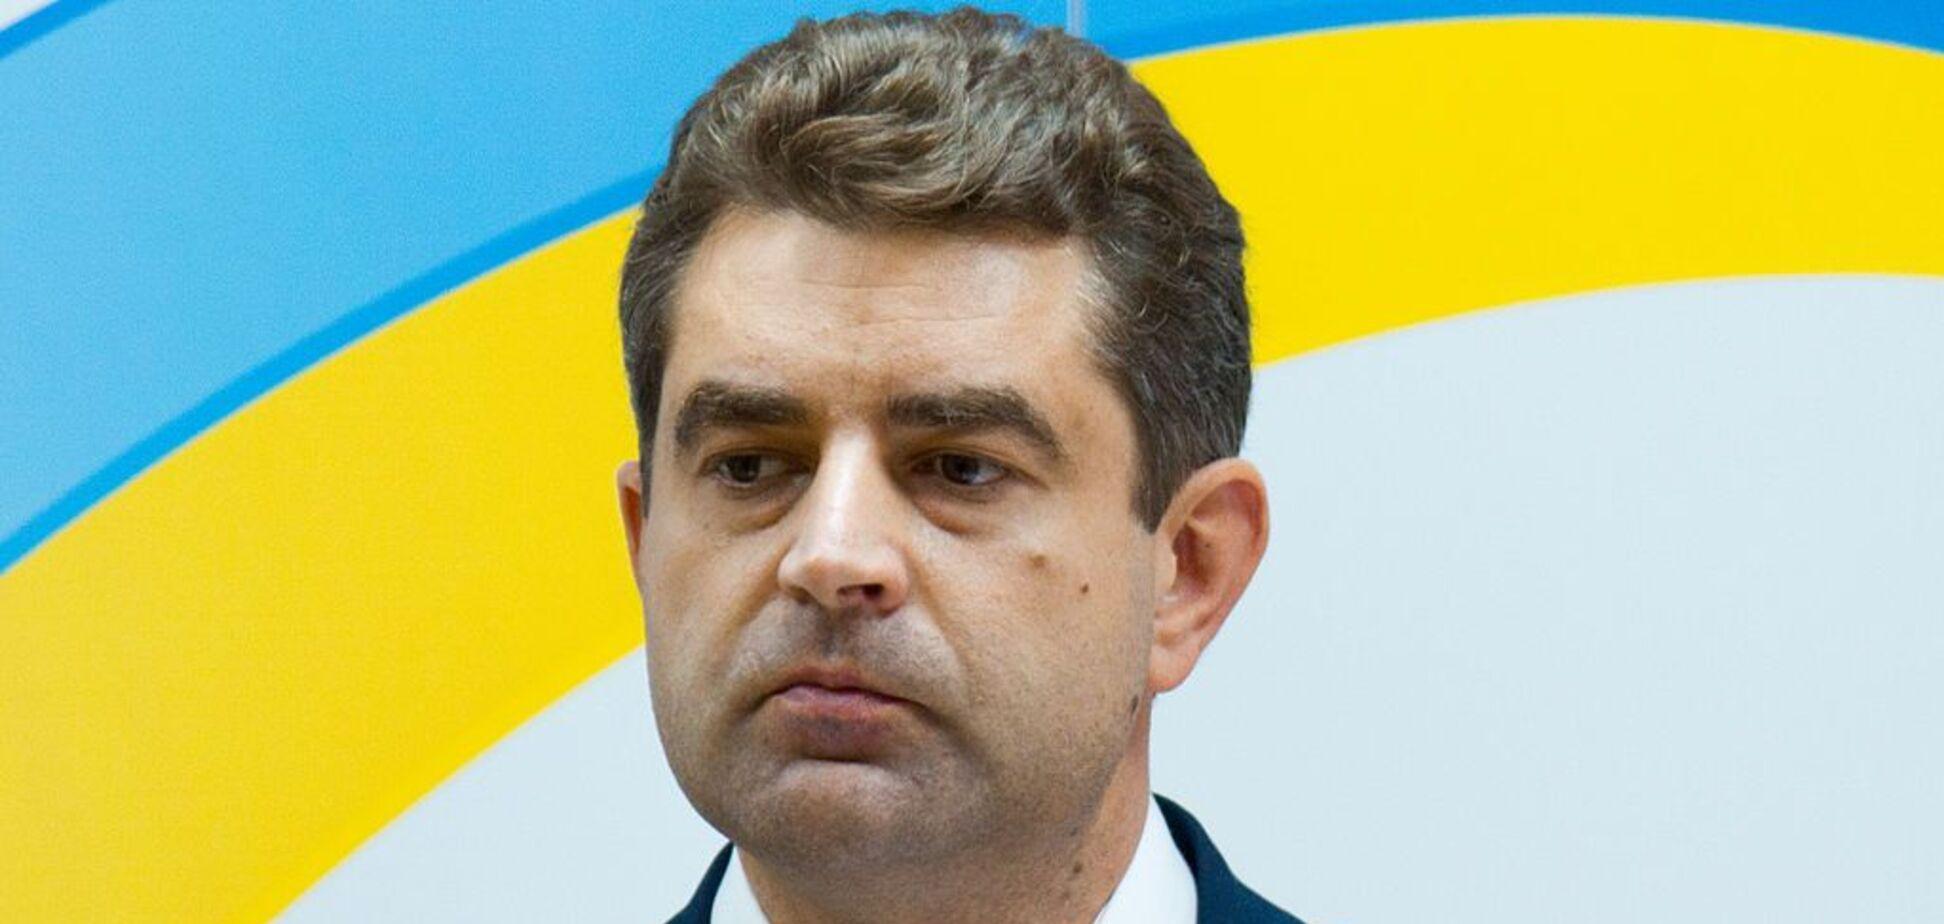 """""""Кто заменит украинцев в Украине?"""" Дипломат о миграции рабочей силы в Европе"""